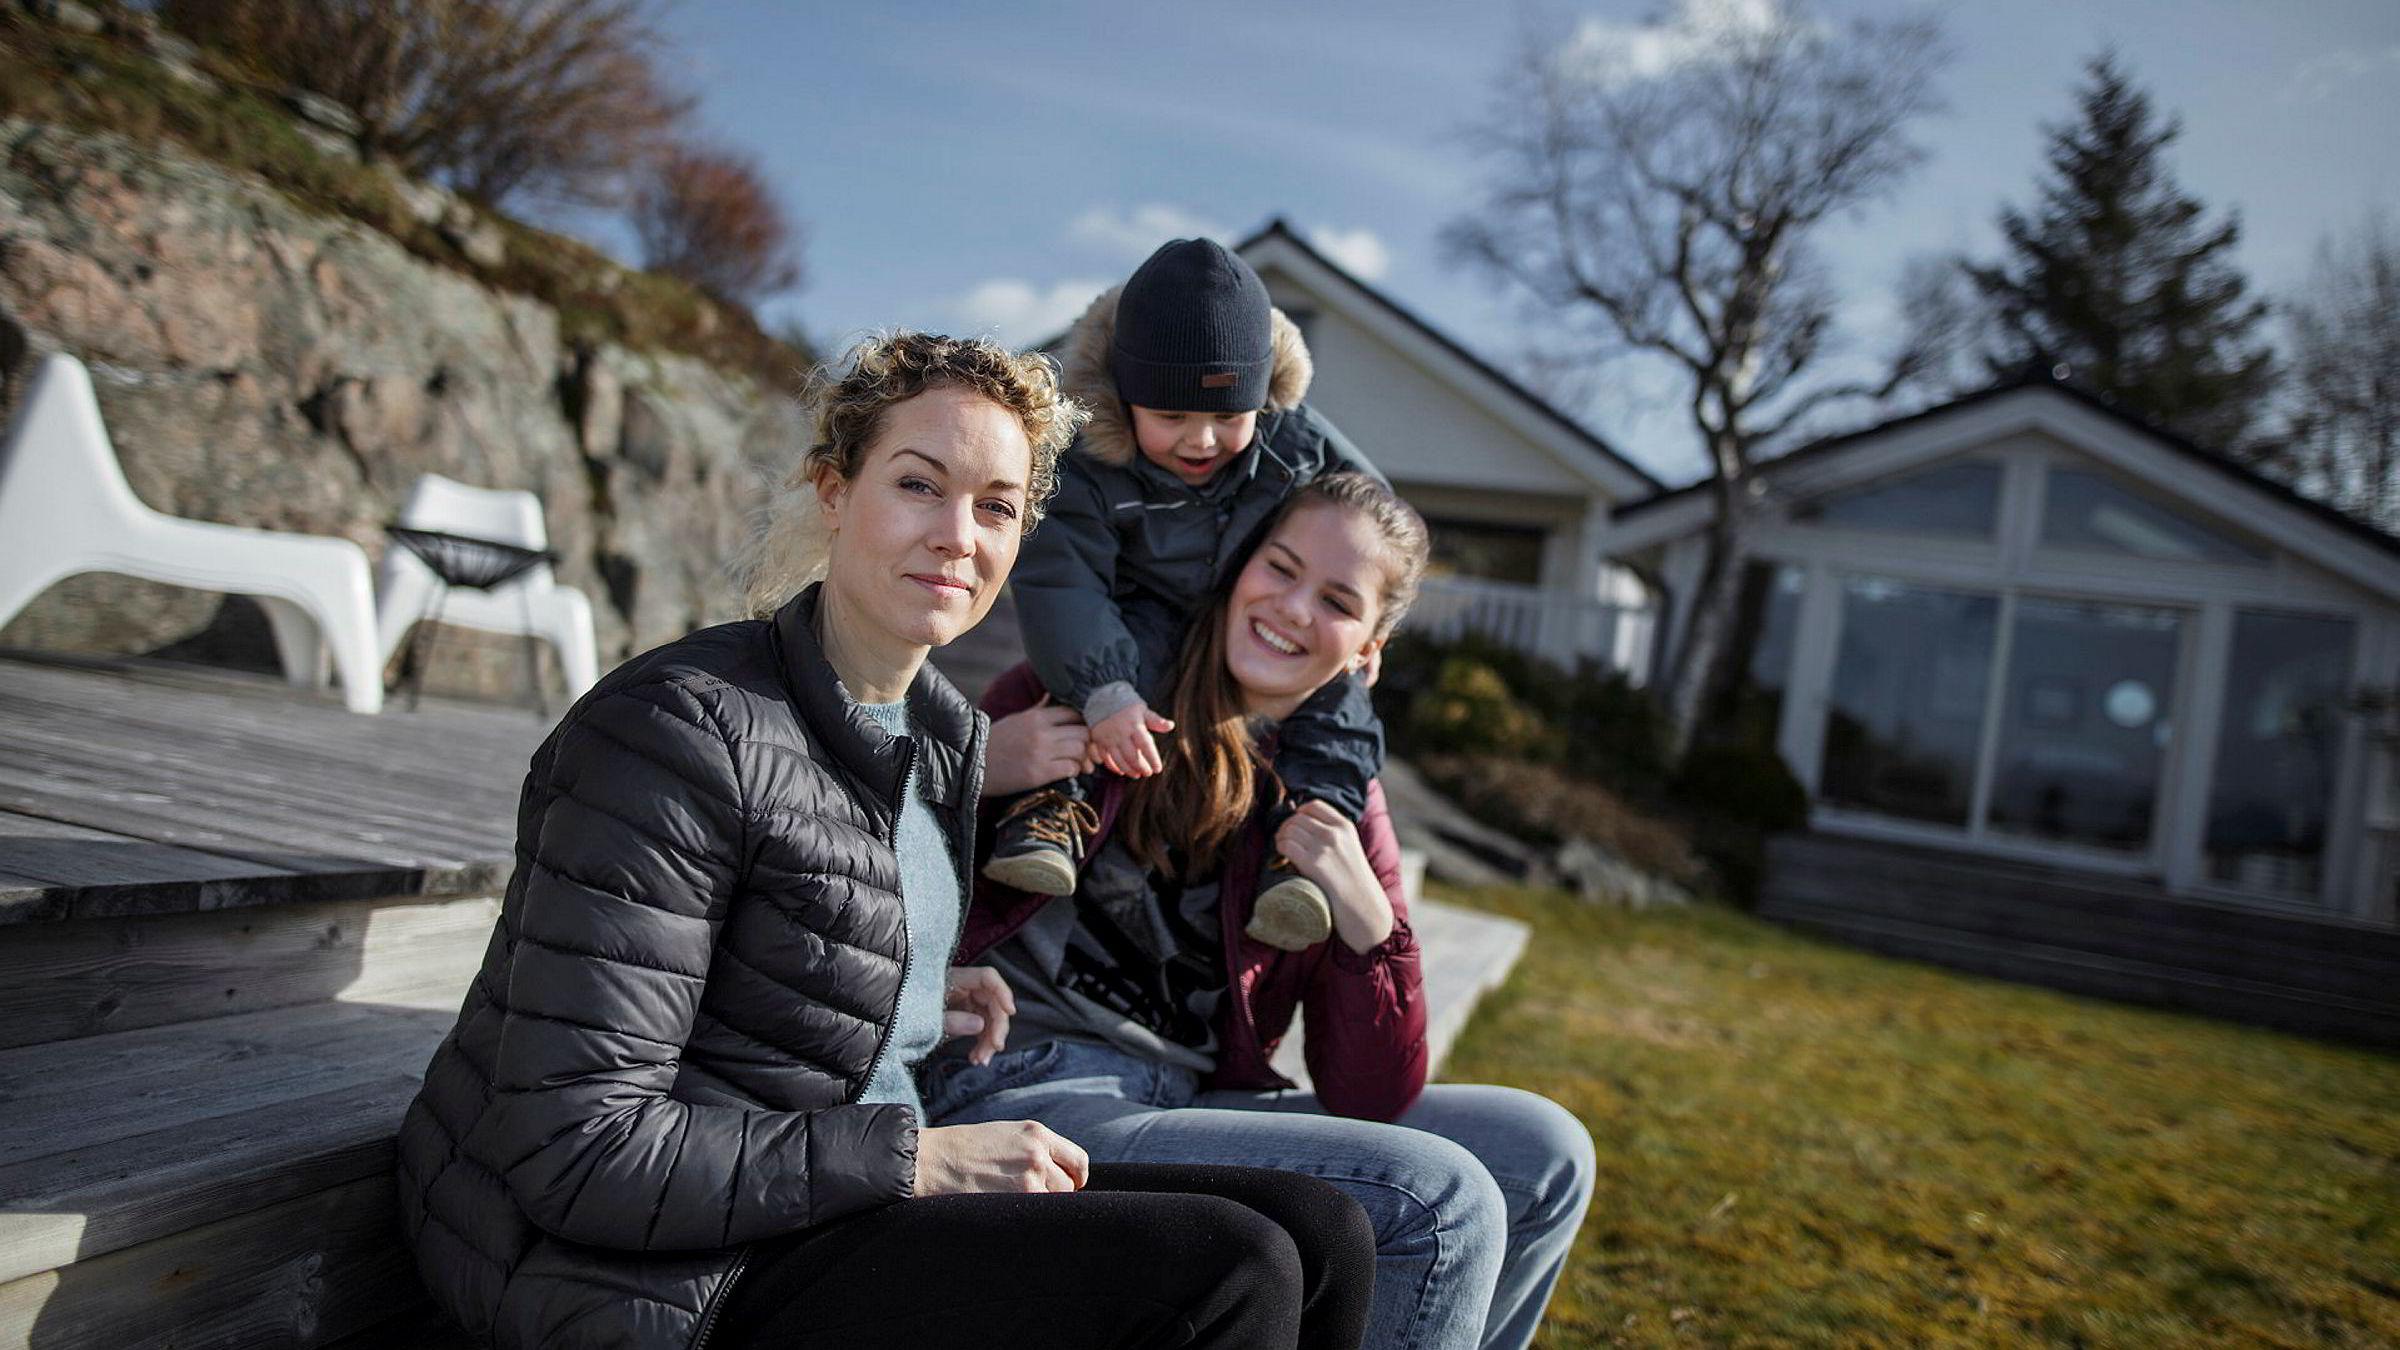 Veronica H. Endresen (39) fra Ålesund var inntil forrige uke daglig leder i en Riccovero-butikk før kleskjeden gikk konkurs. Hun er bekymret for at det vil bli tøft å finne ny jobb igjen raskt. Her er hun hjemme i hagen sammen med to av barna, Marcus Endresen (snart 2 år) og Angelica Endresen (14).